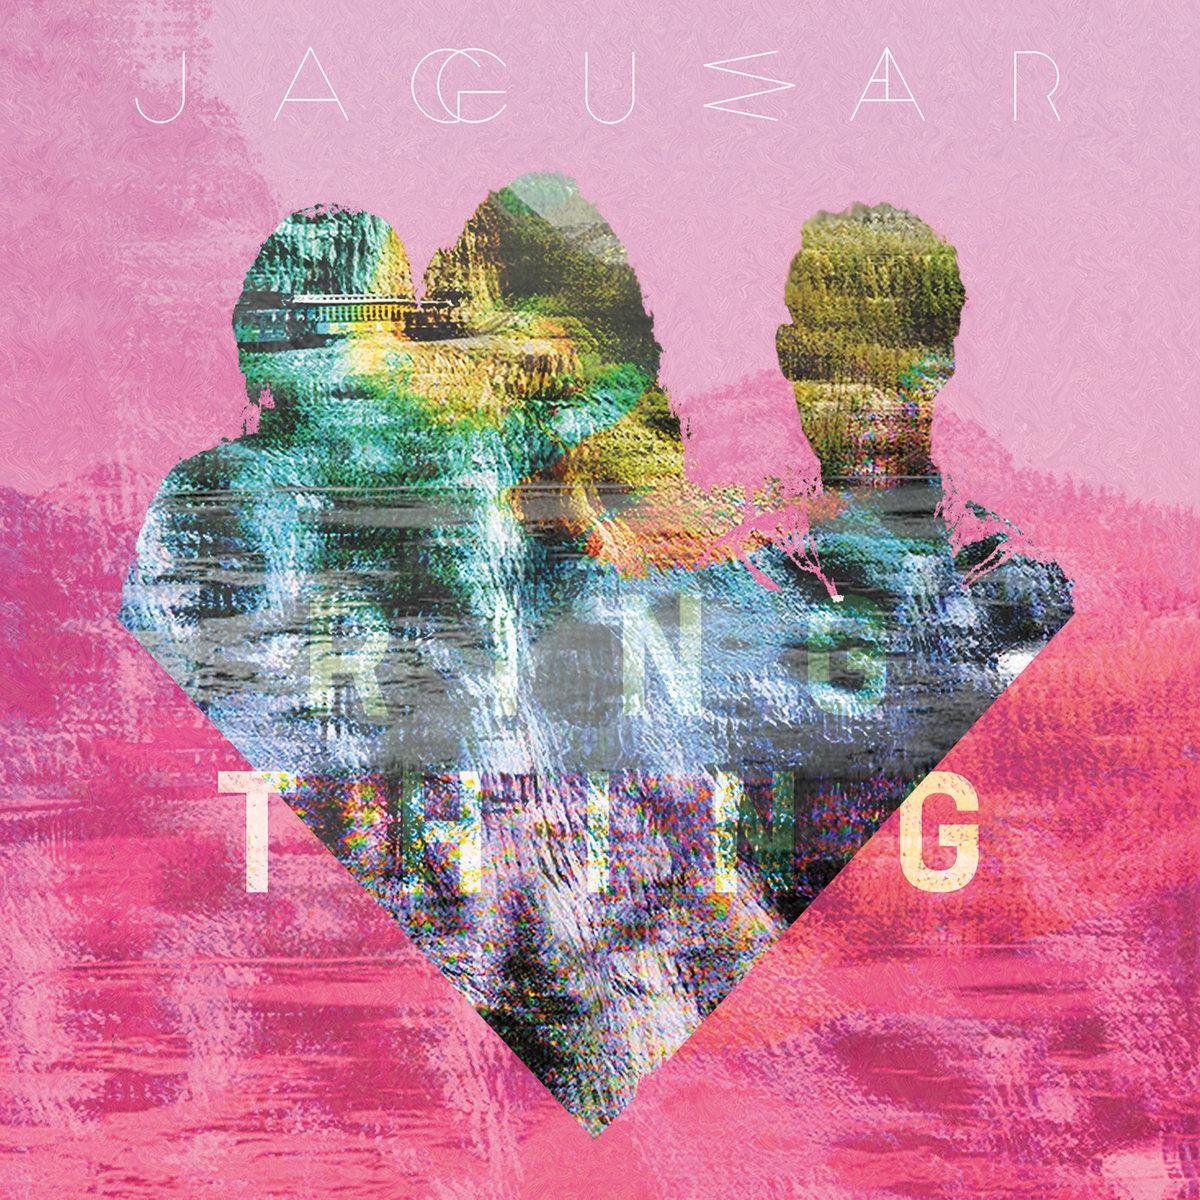 J A G U W A R / Ringthing(2LP + CD)